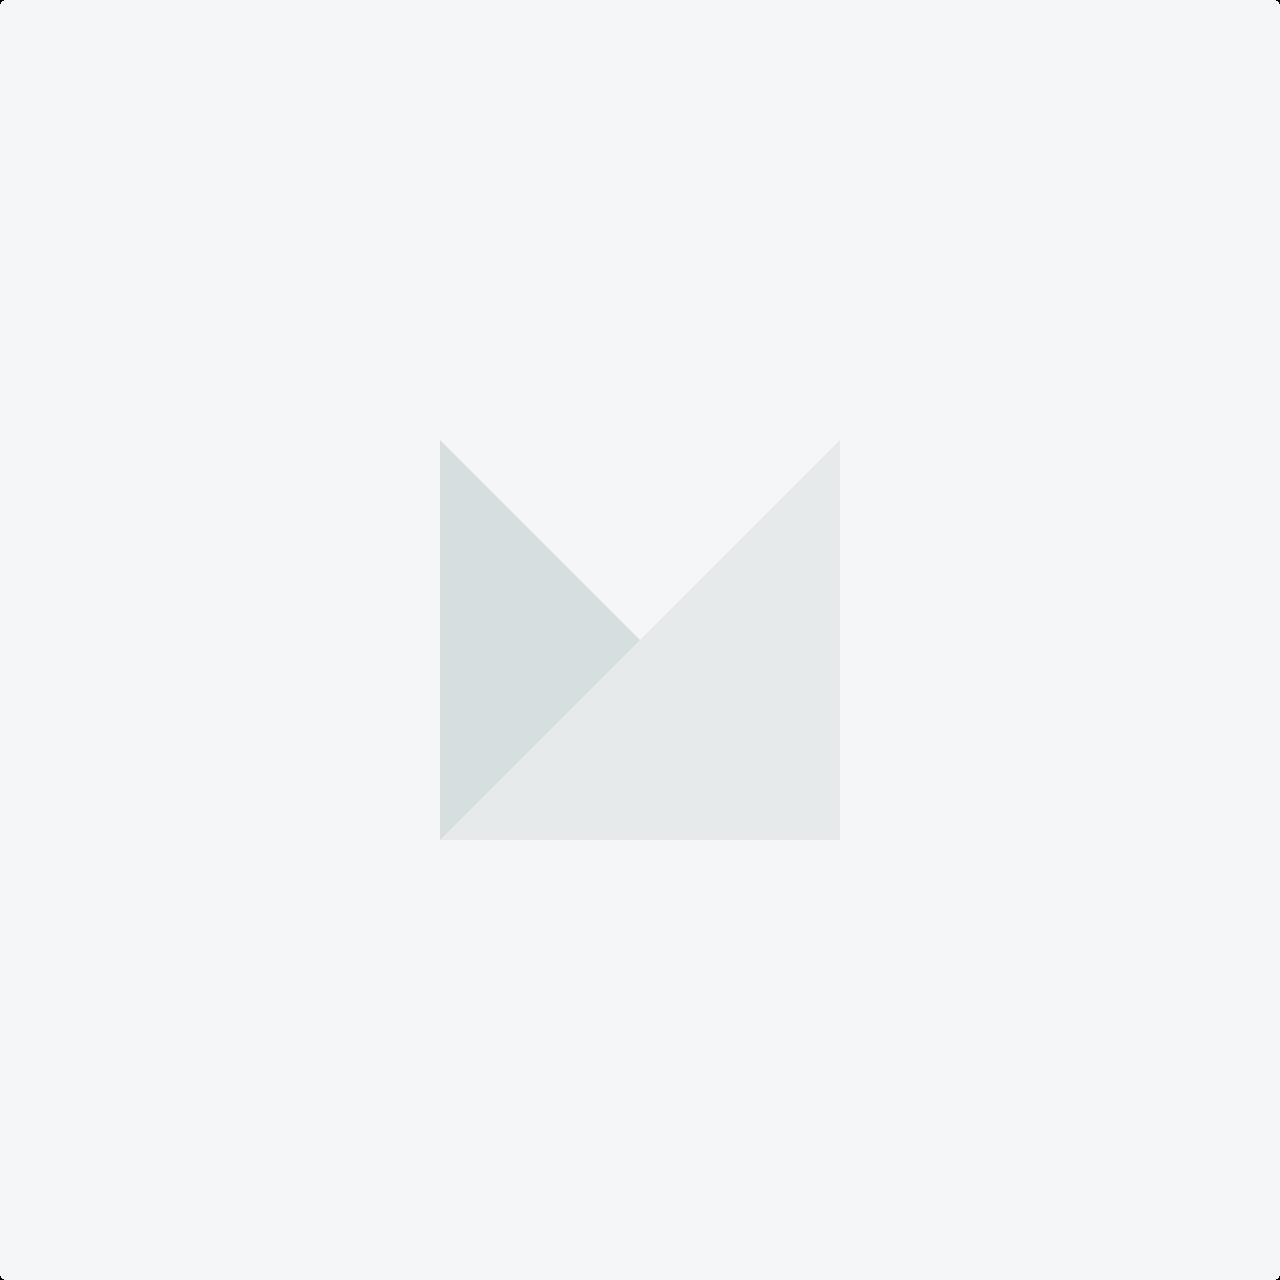 Рабочая зона р-03 мики рмк (орех аида табак/желтый/1350ммx61.